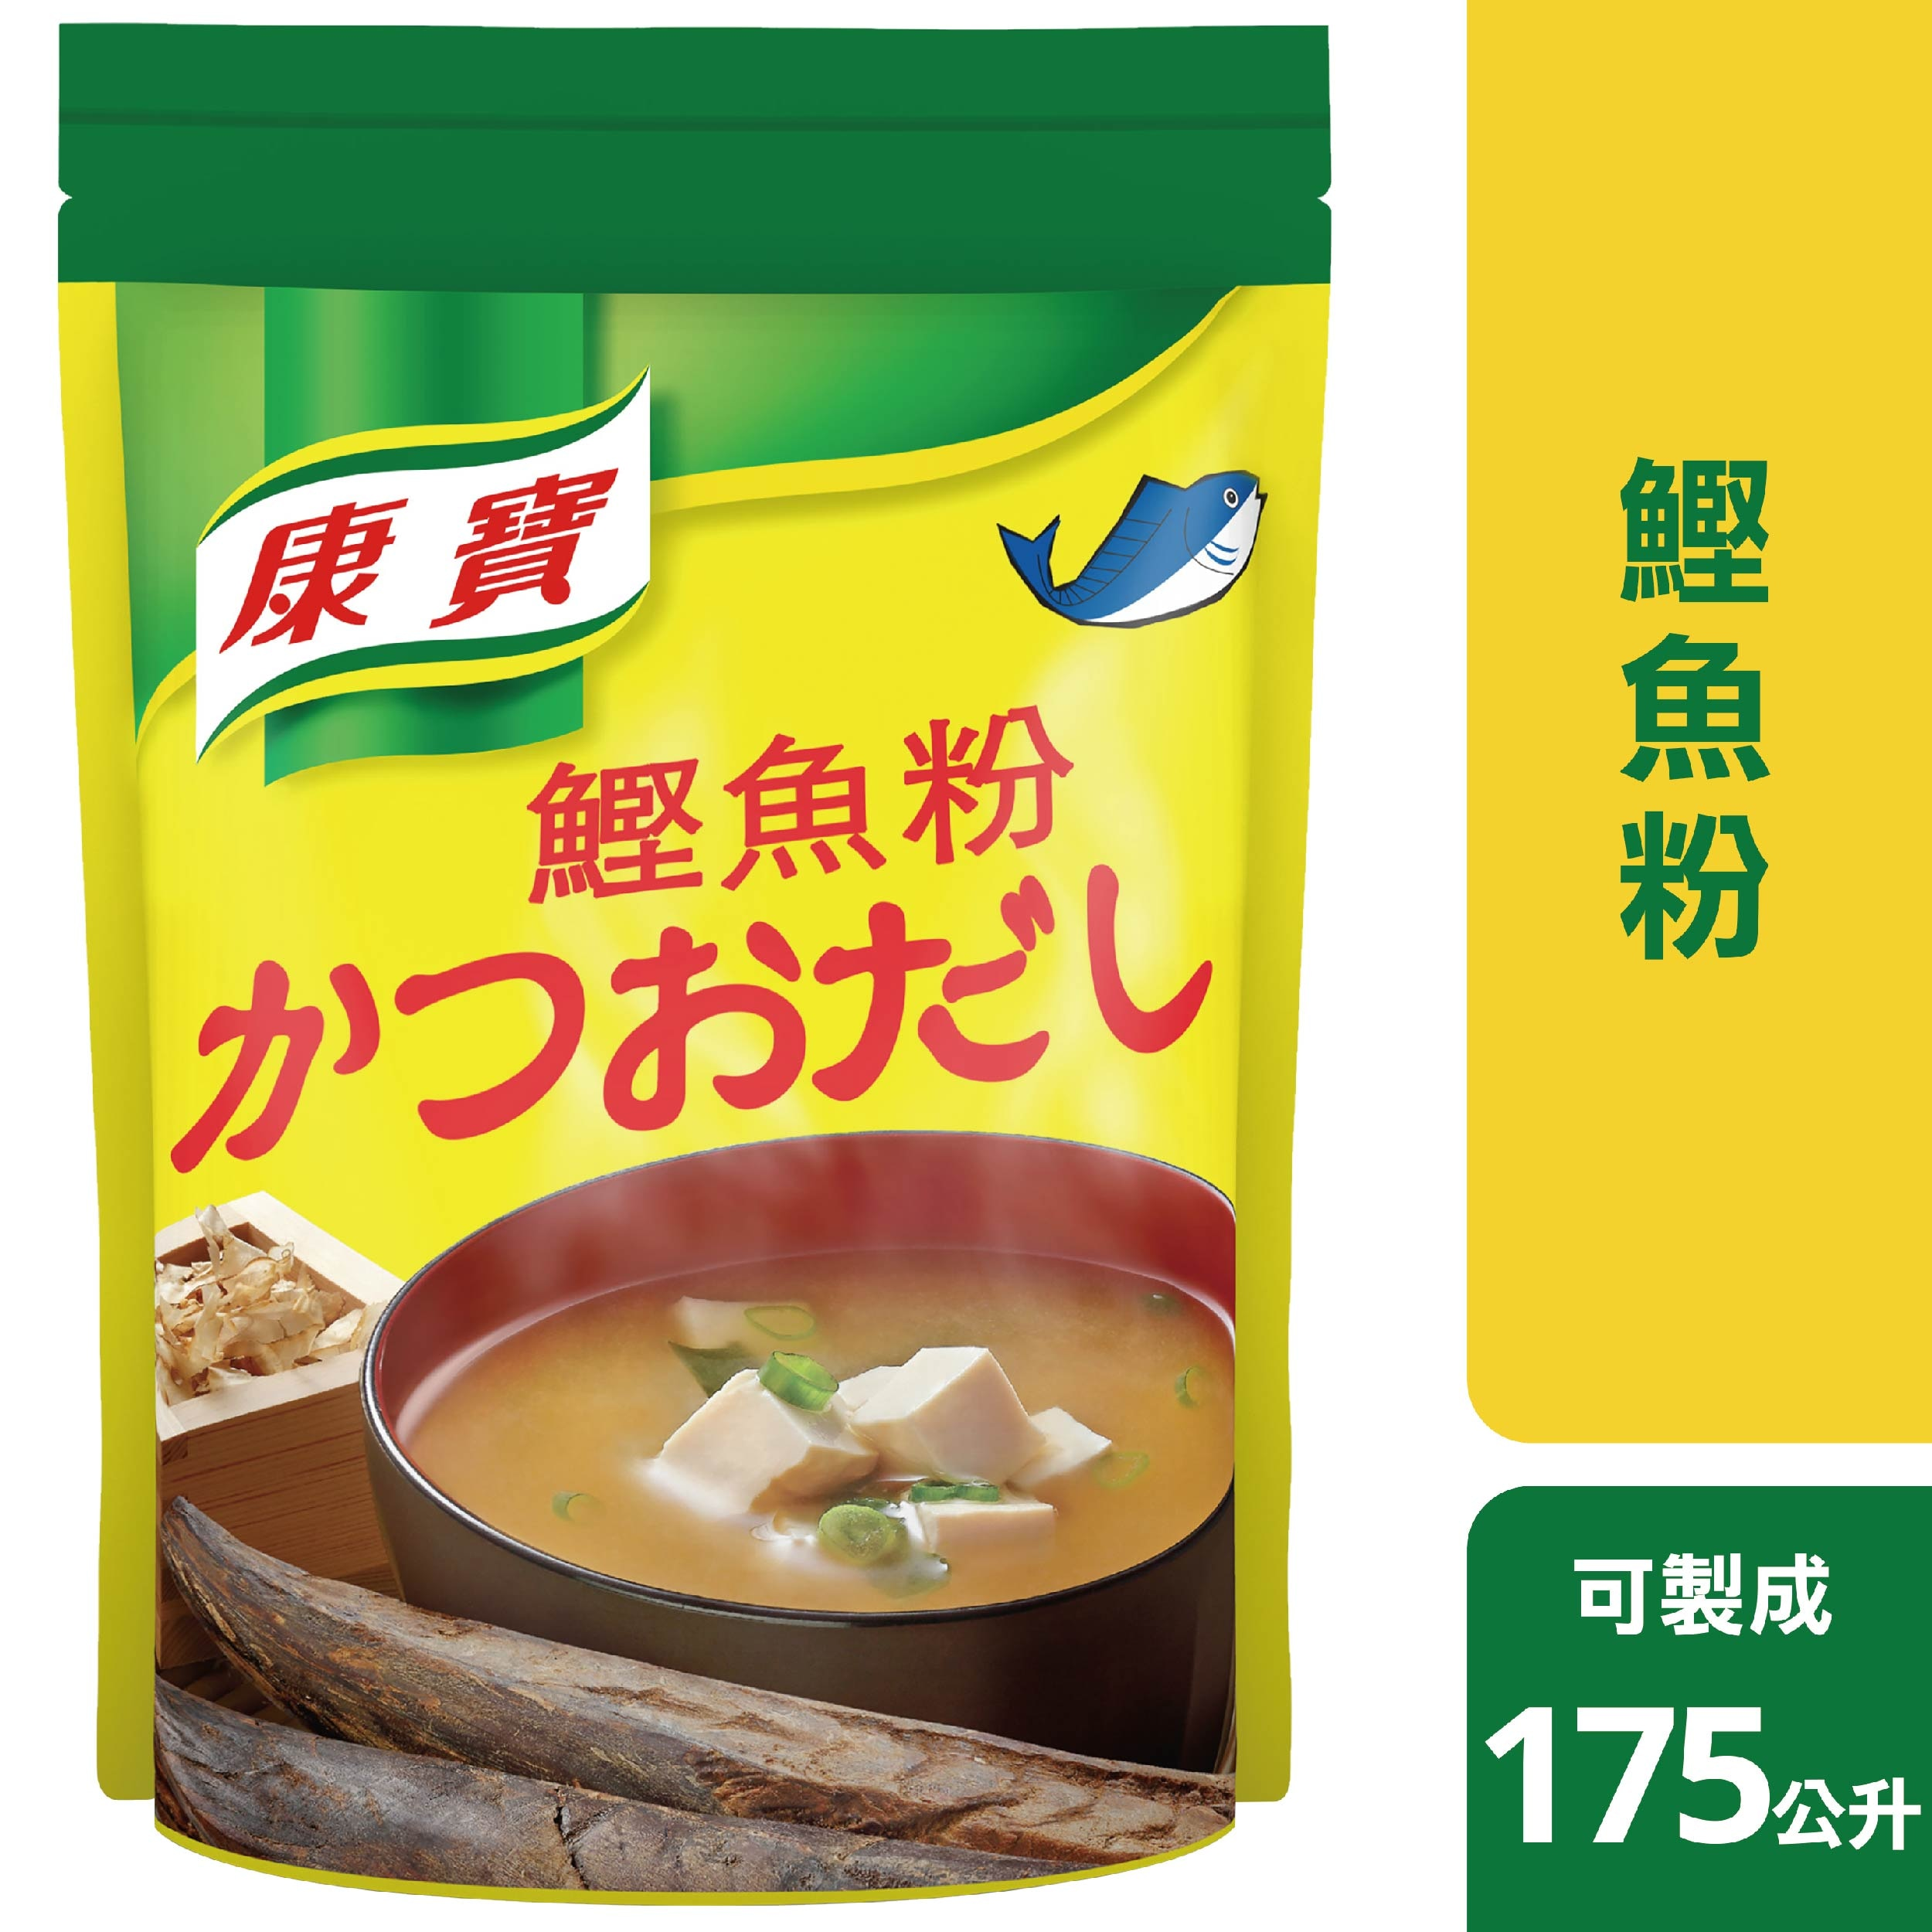 康寶鰹魚粉 1.4公斤 - 康寶鰹魚粉,嚴選圓花鰹原料,湯頭鮮甜如同自製。